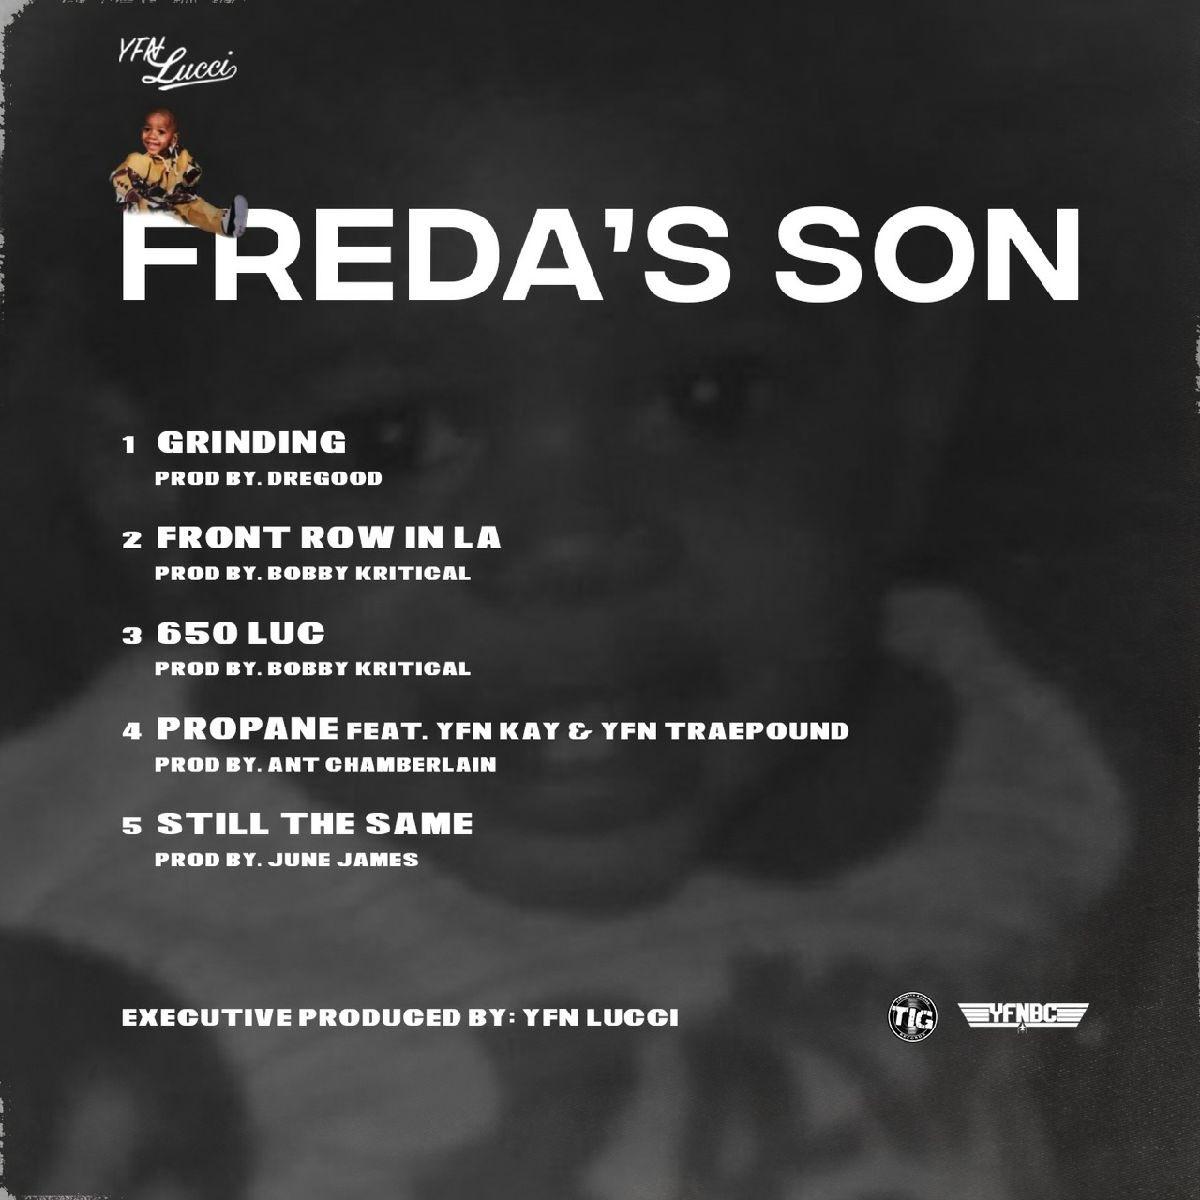 YFN Lucci 'Freda's Son' EP